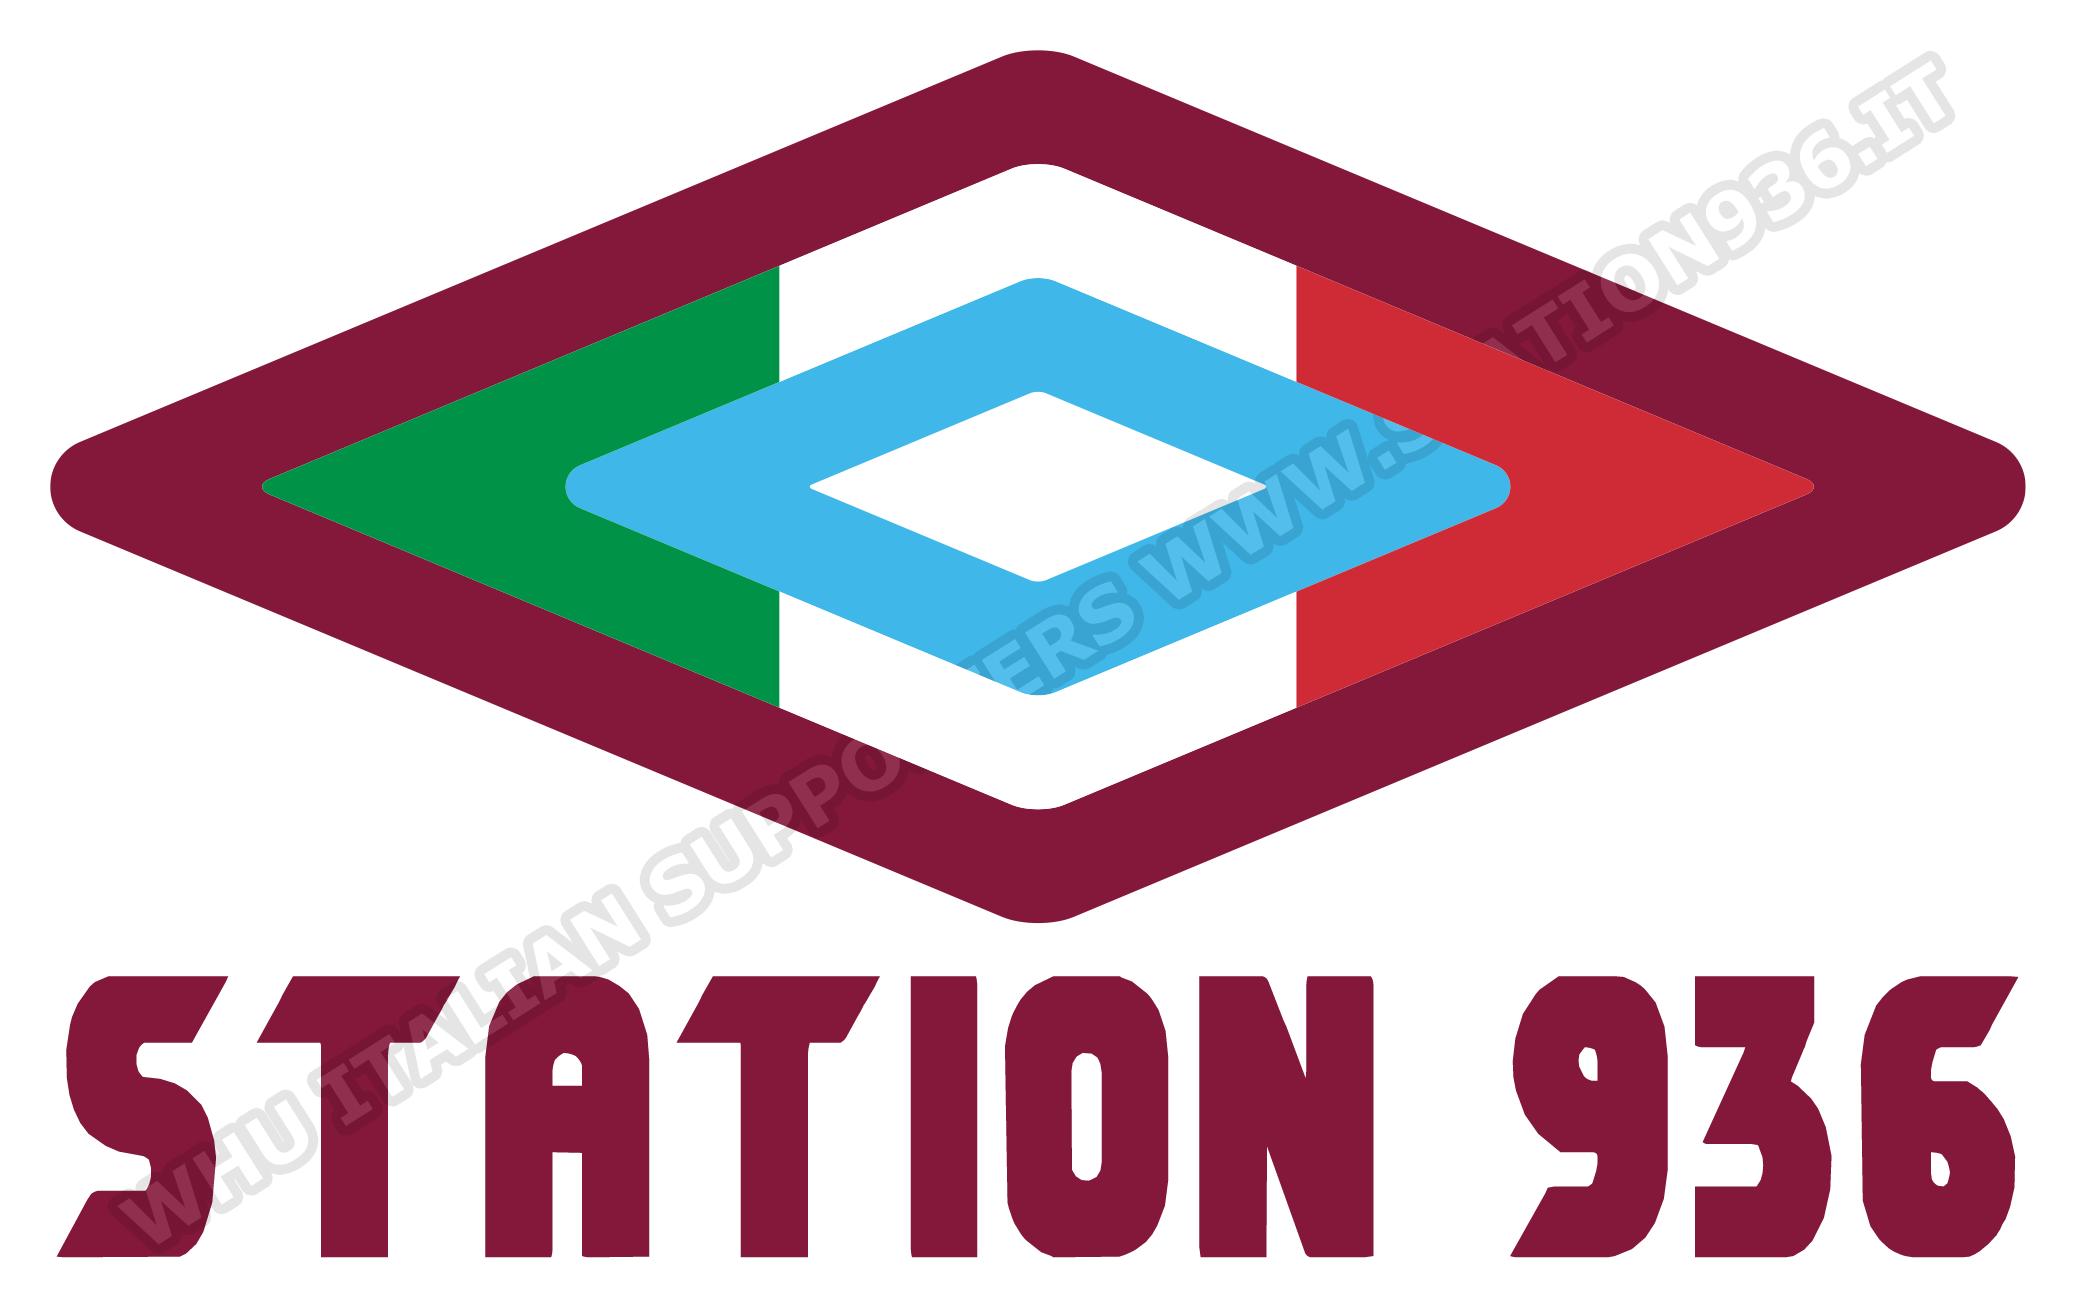 Logo Umbro claret and blue con tricolore italiano